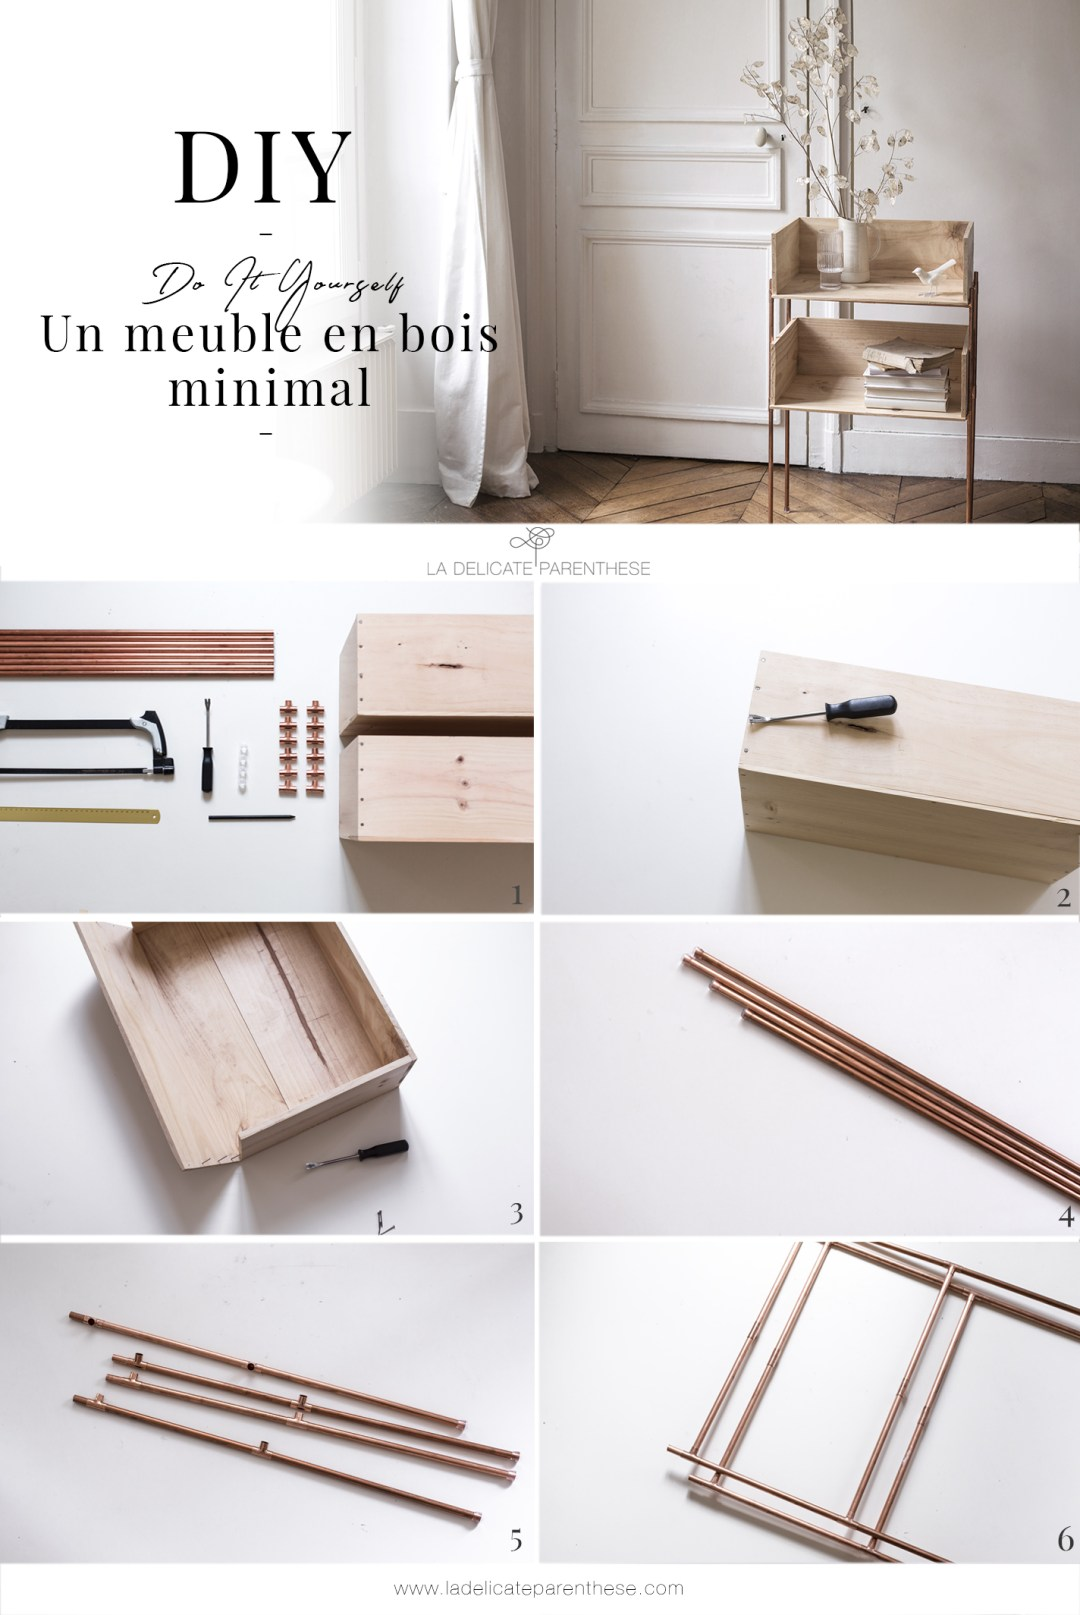 DIY pas à pas création d'un meuble minimal en détournant des caisses à vins